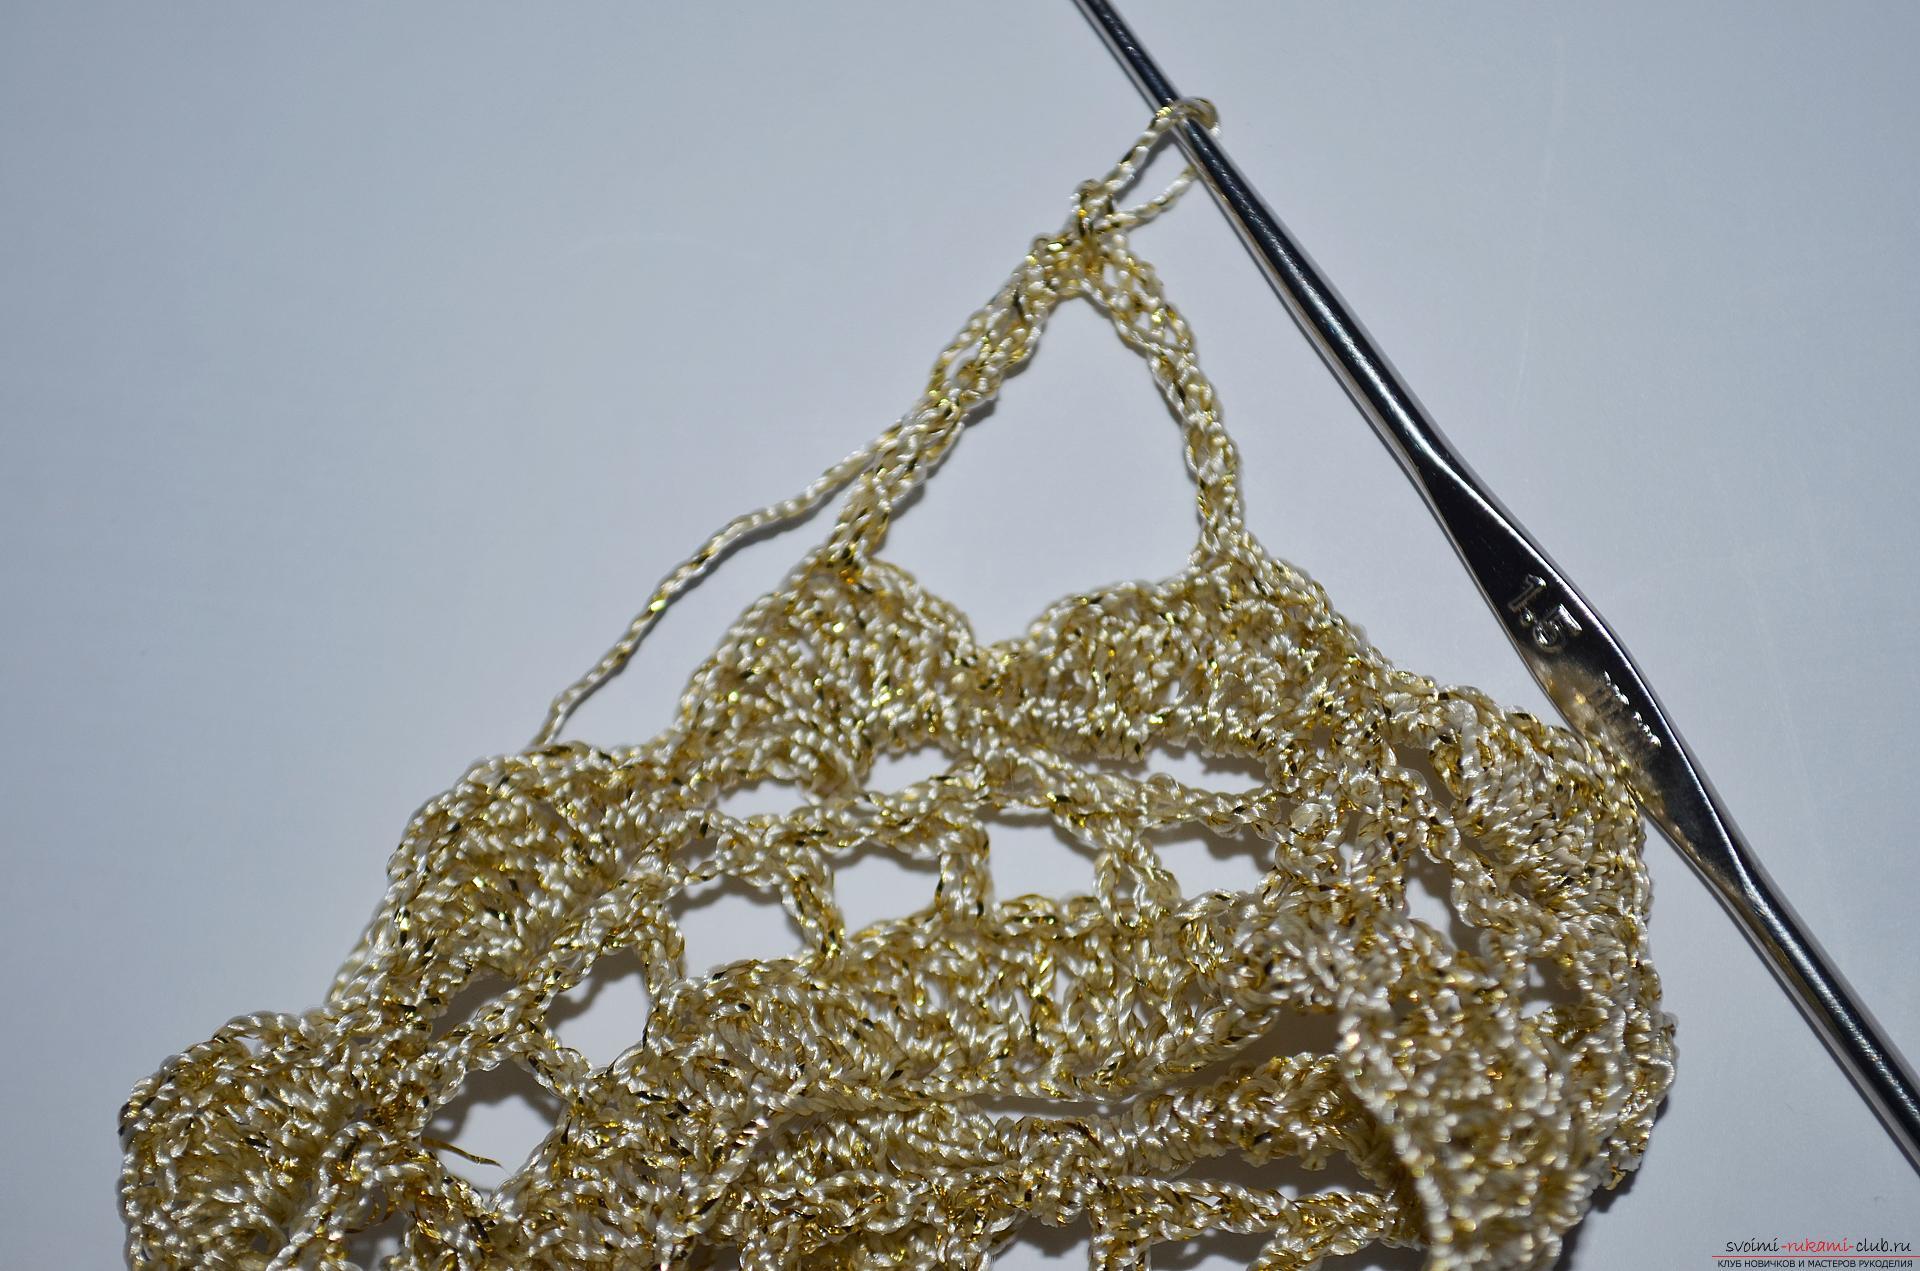 Пошаговый мастер-класс научит как связать крючком вязаную корону для девочки. Фото №6